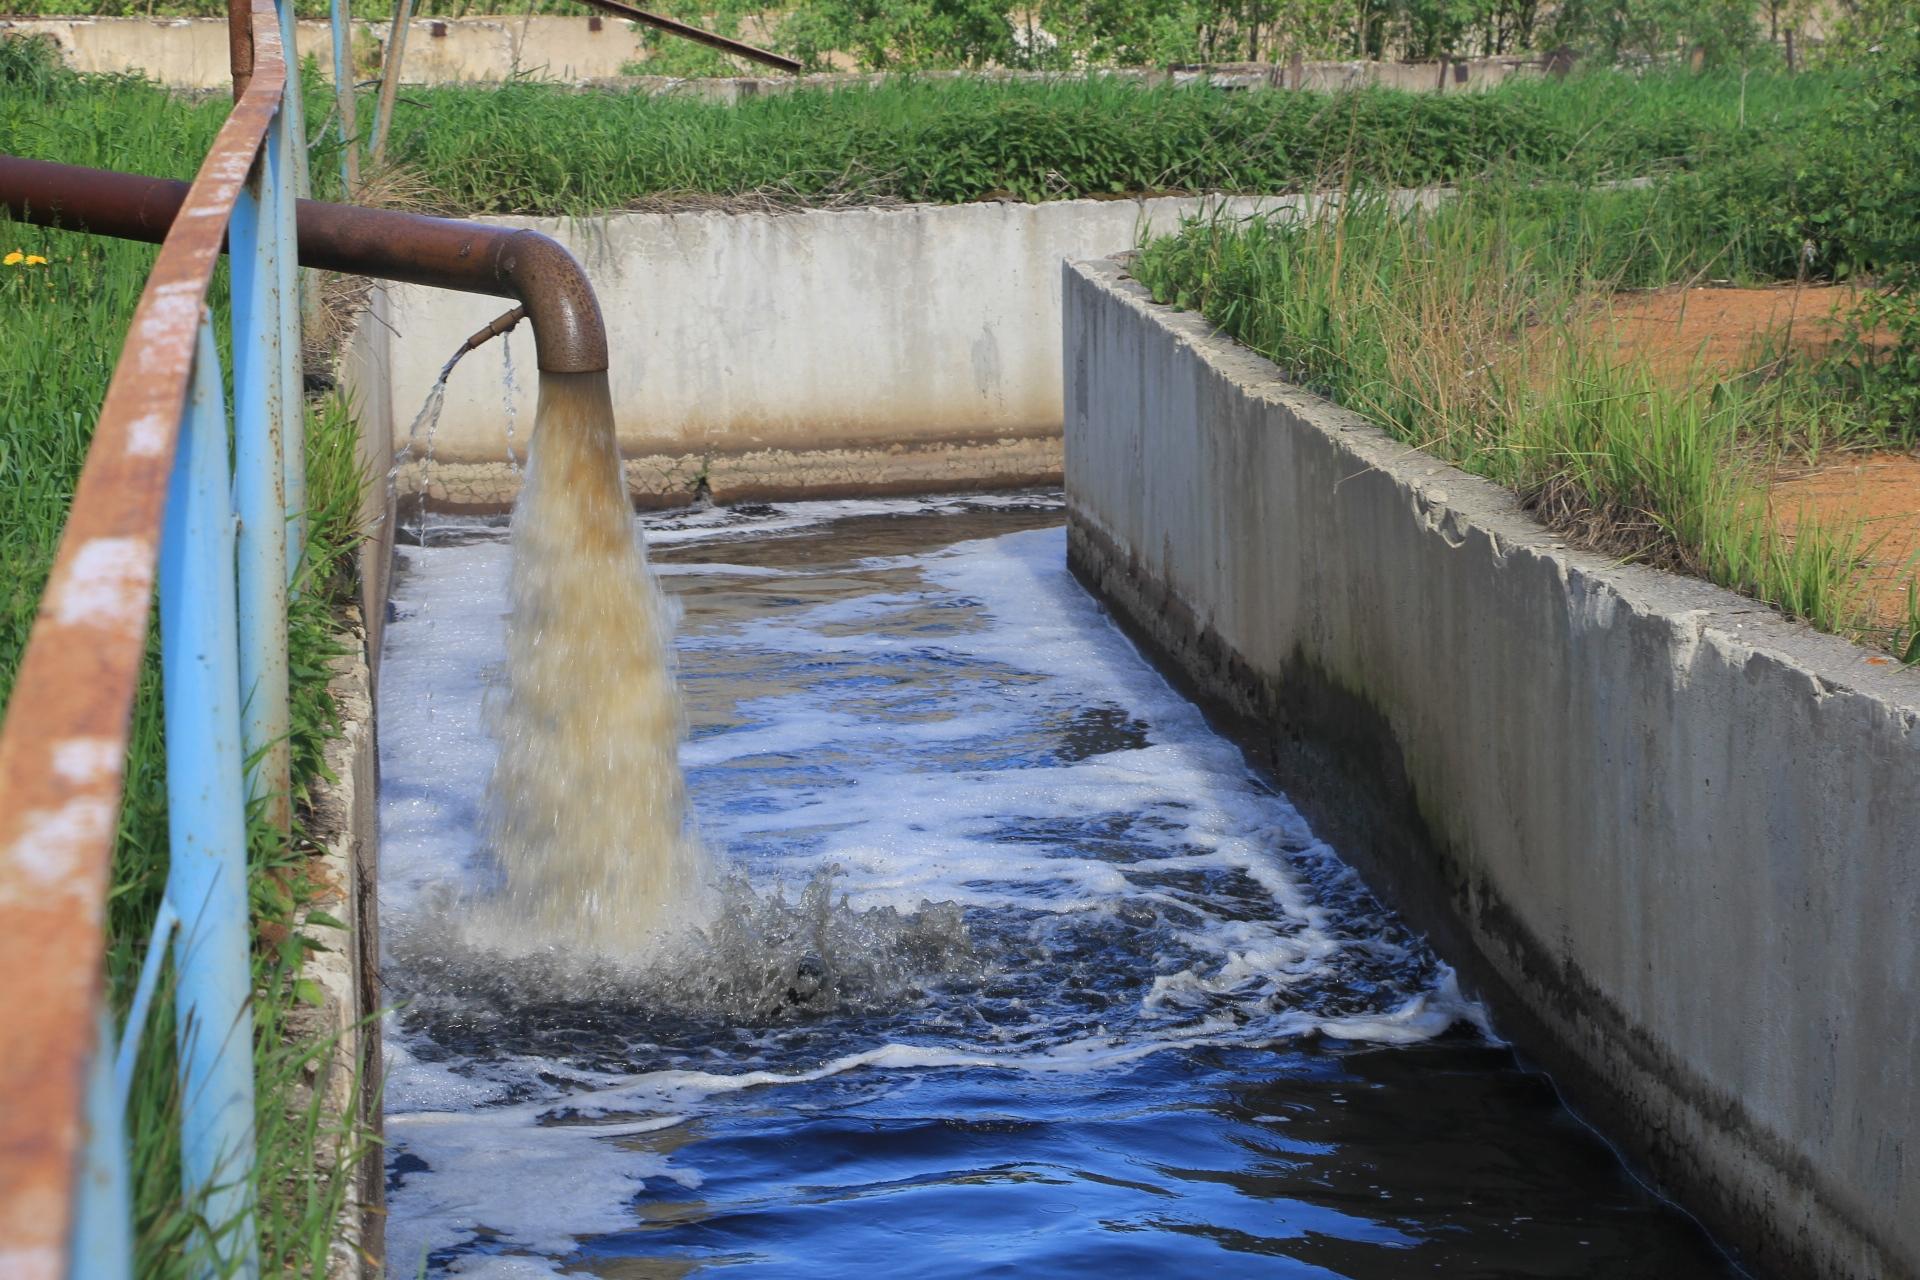 В сутки на очистные сооружения поступает порядка 80 000 кубометров сточных вод, максимальная производительность очистных сооружений по приему хозяйственно-бытовых стоков порядка 110 тысяч в сутки